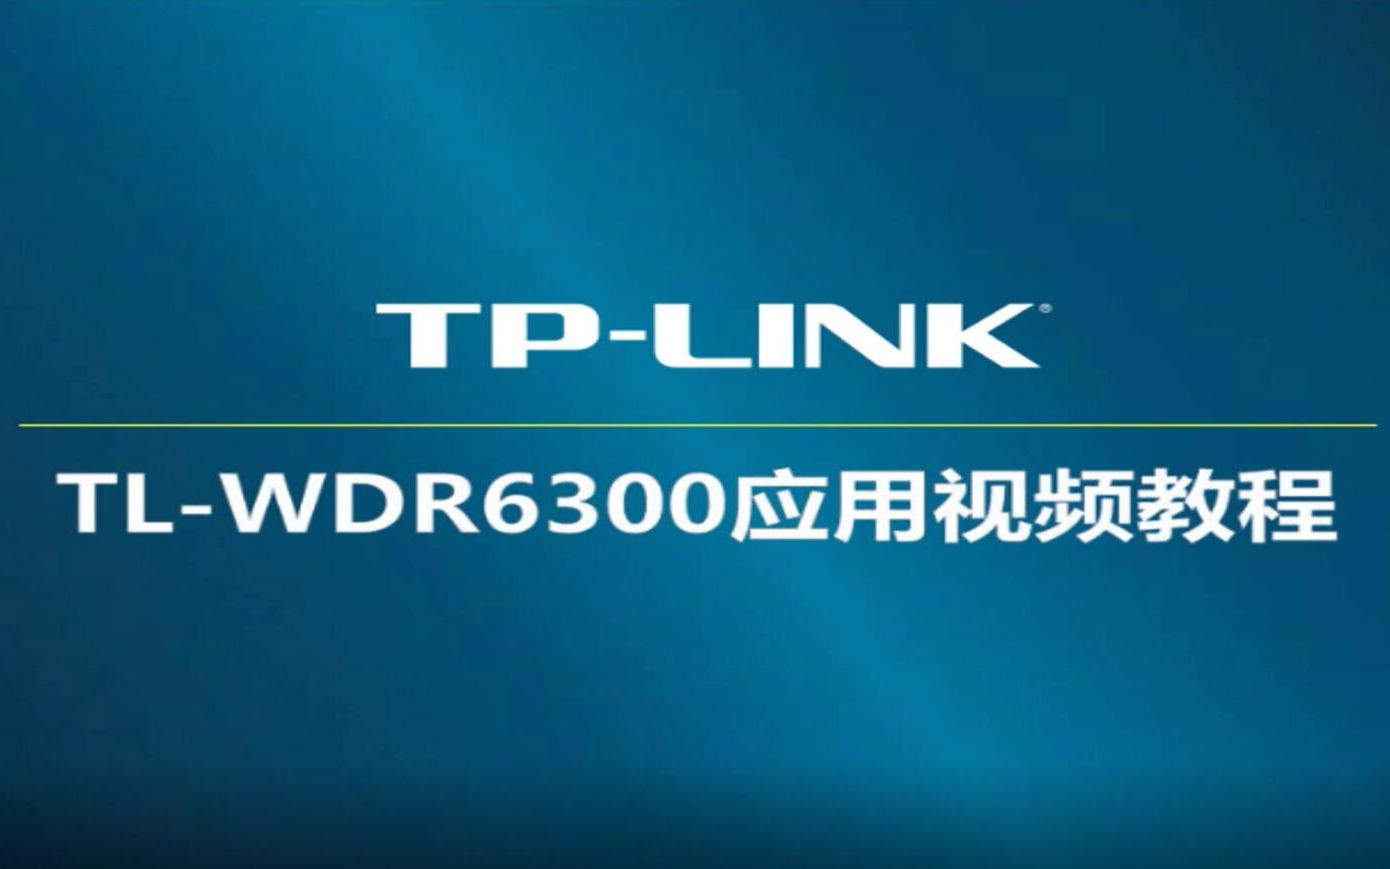 普联tplink TLWDR6300 V3无线路由器设置教程网线入户固定IP上网